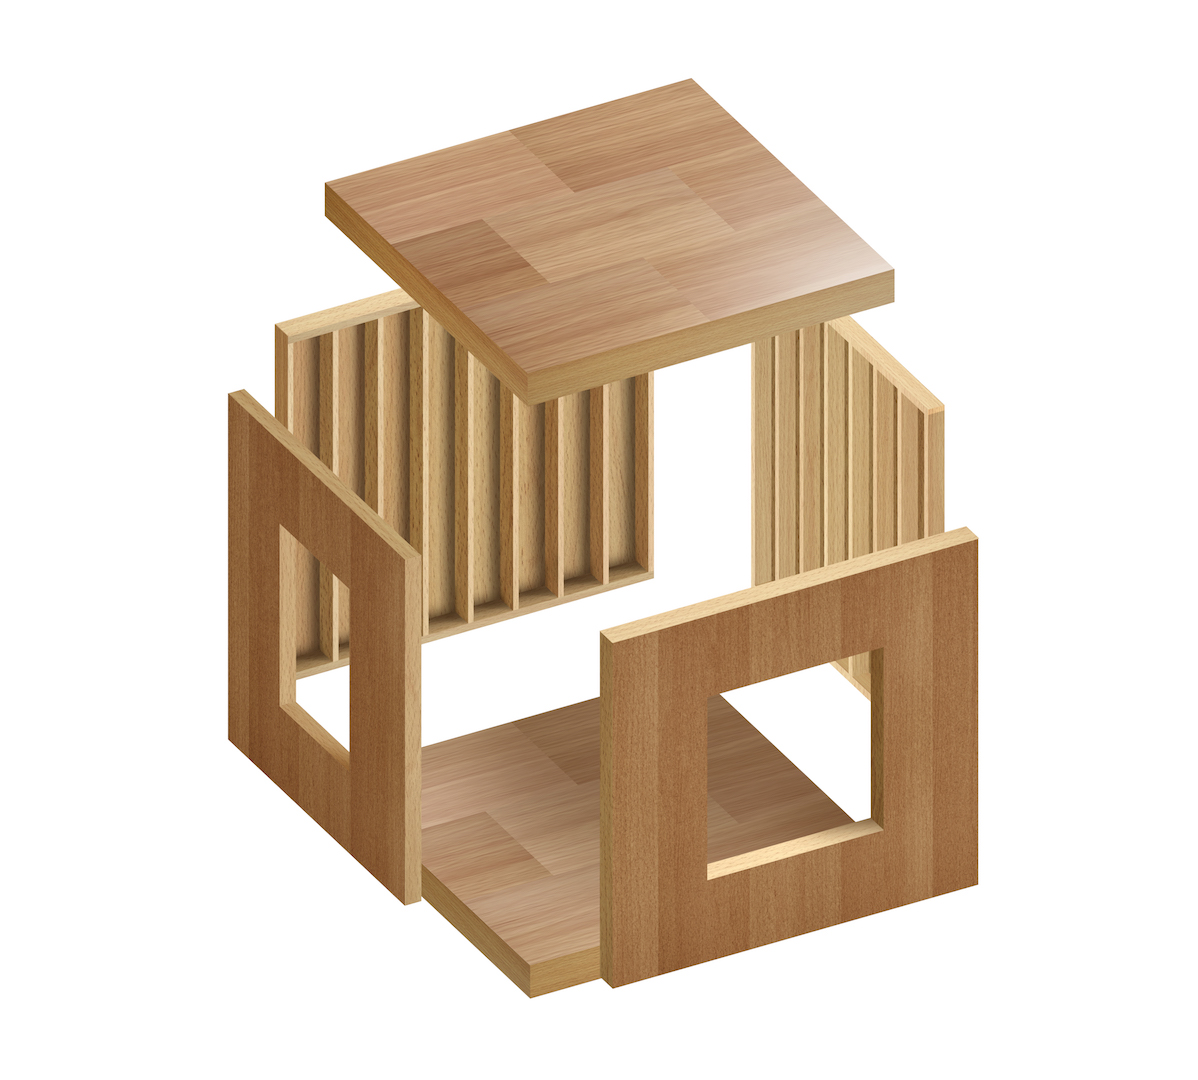 建物の構造について